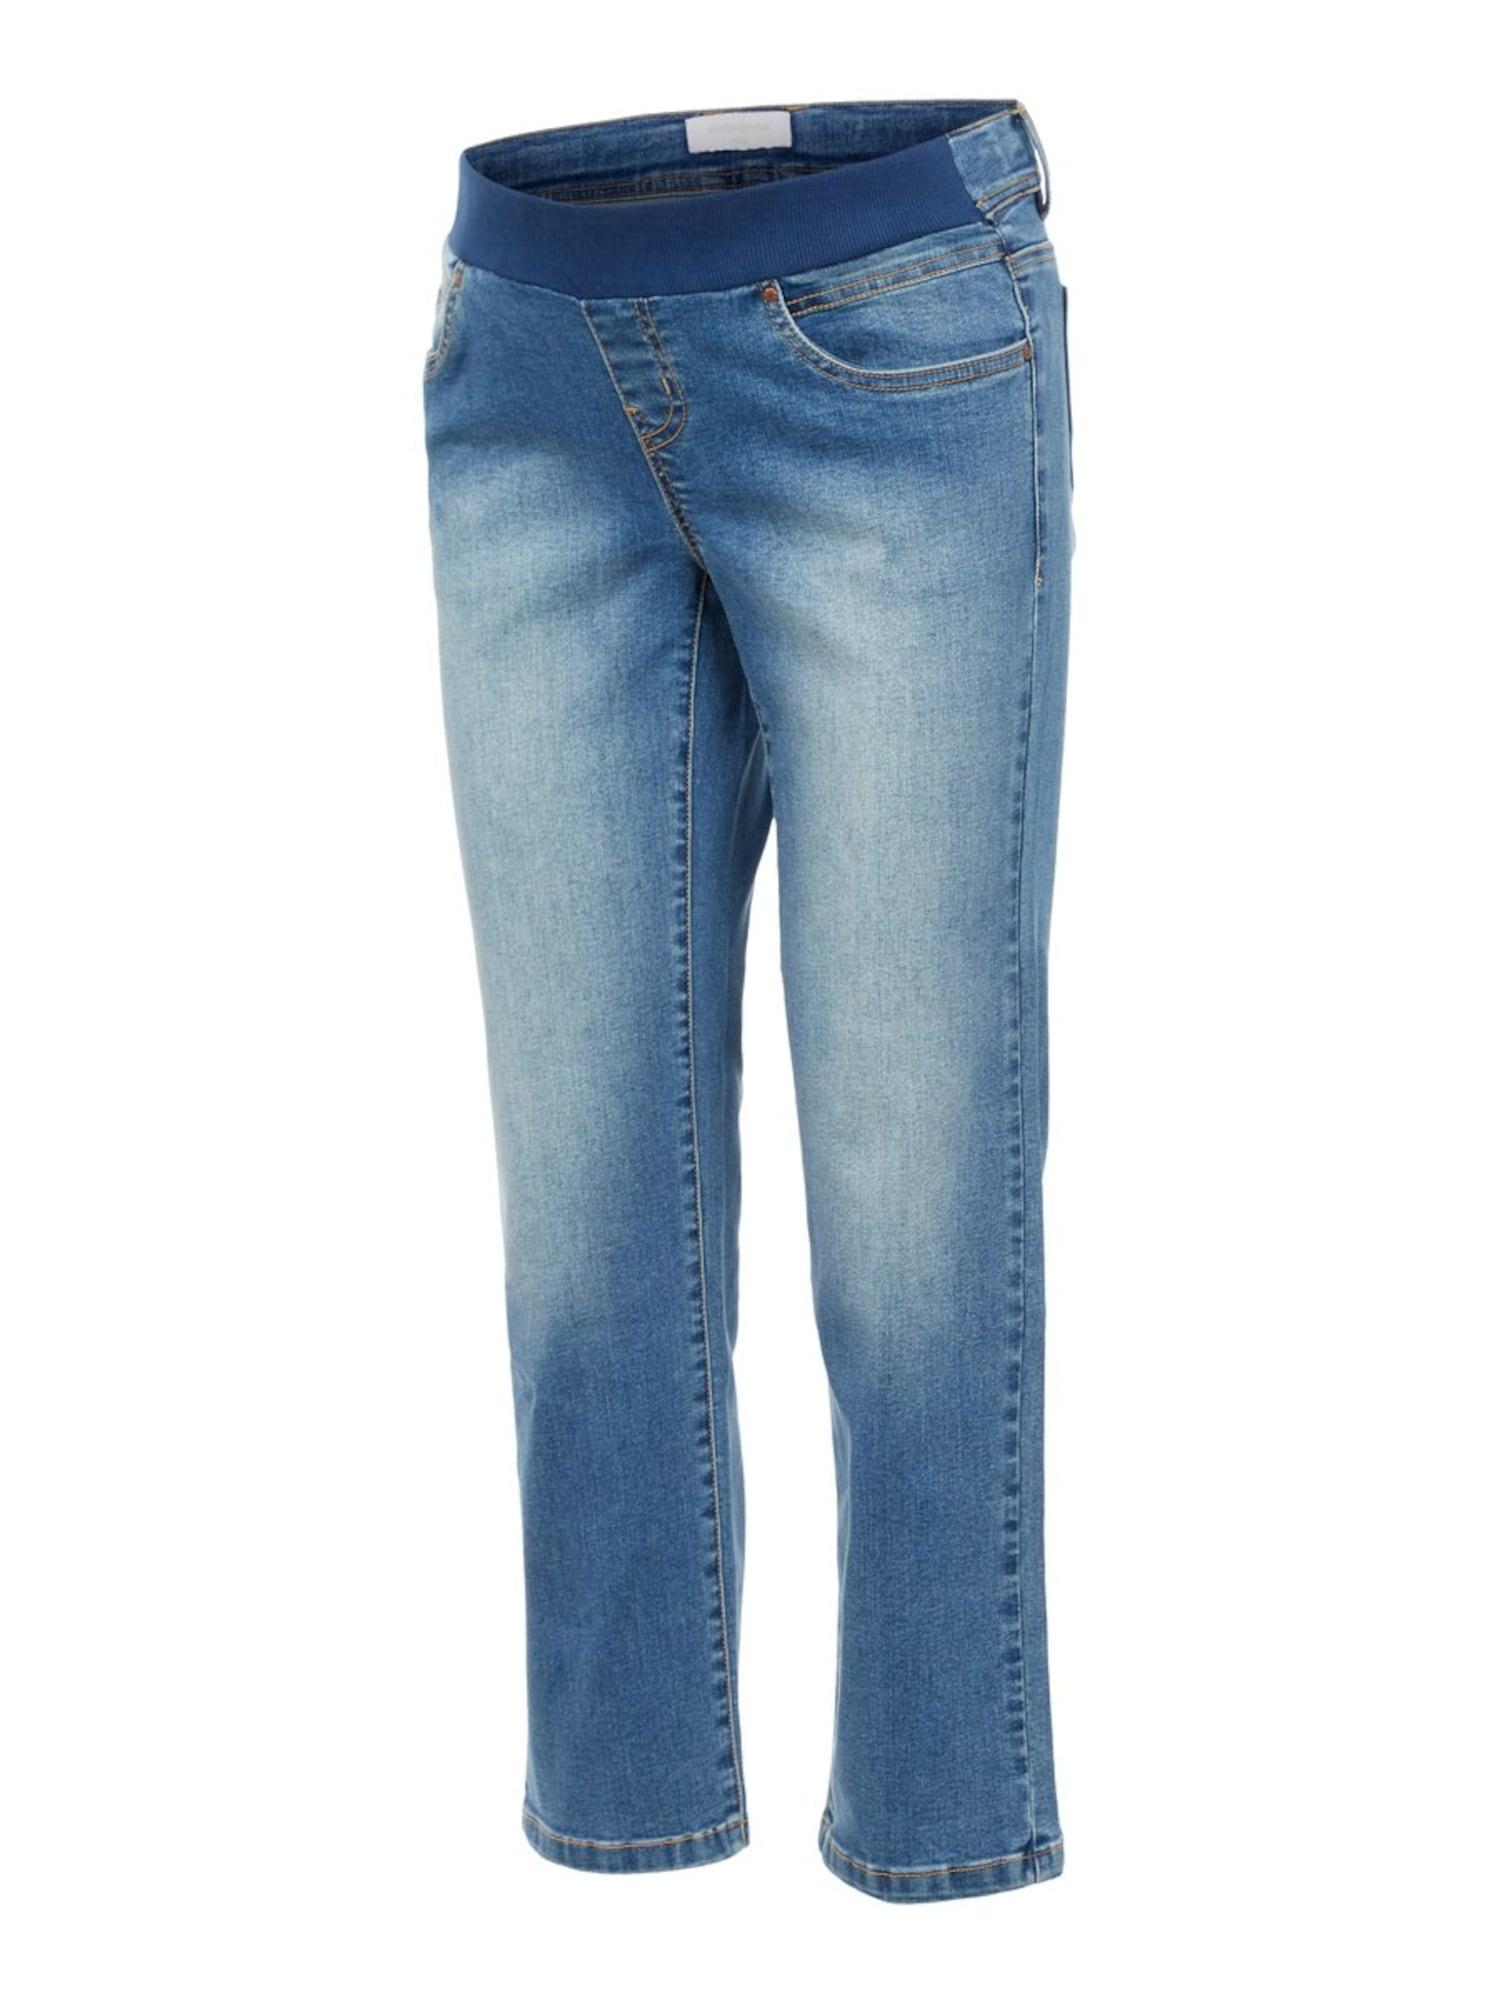 MAMALICIOUS Jean 'Marbella'  - Bleu - Taille: 28/30 - female